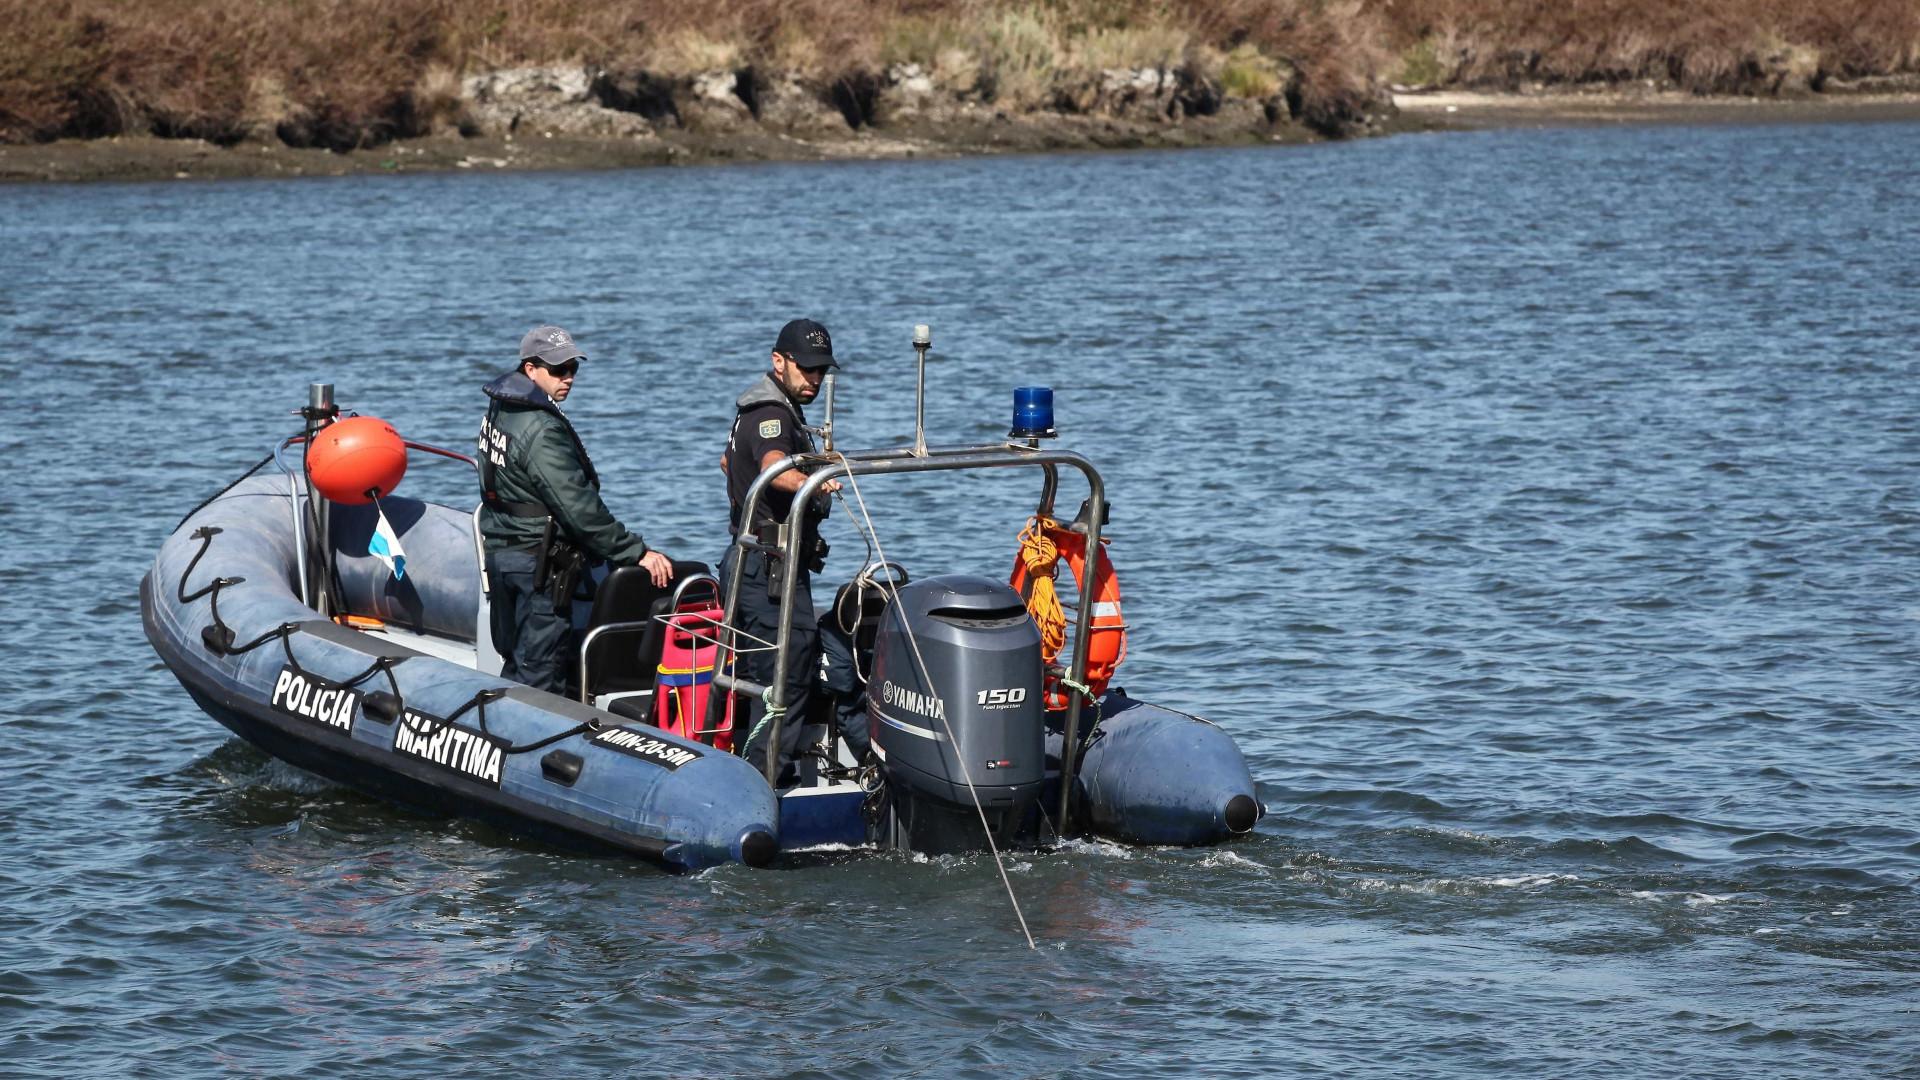 Mau tempo suspende até sábado buscas por pescador desaparecido nos Açores